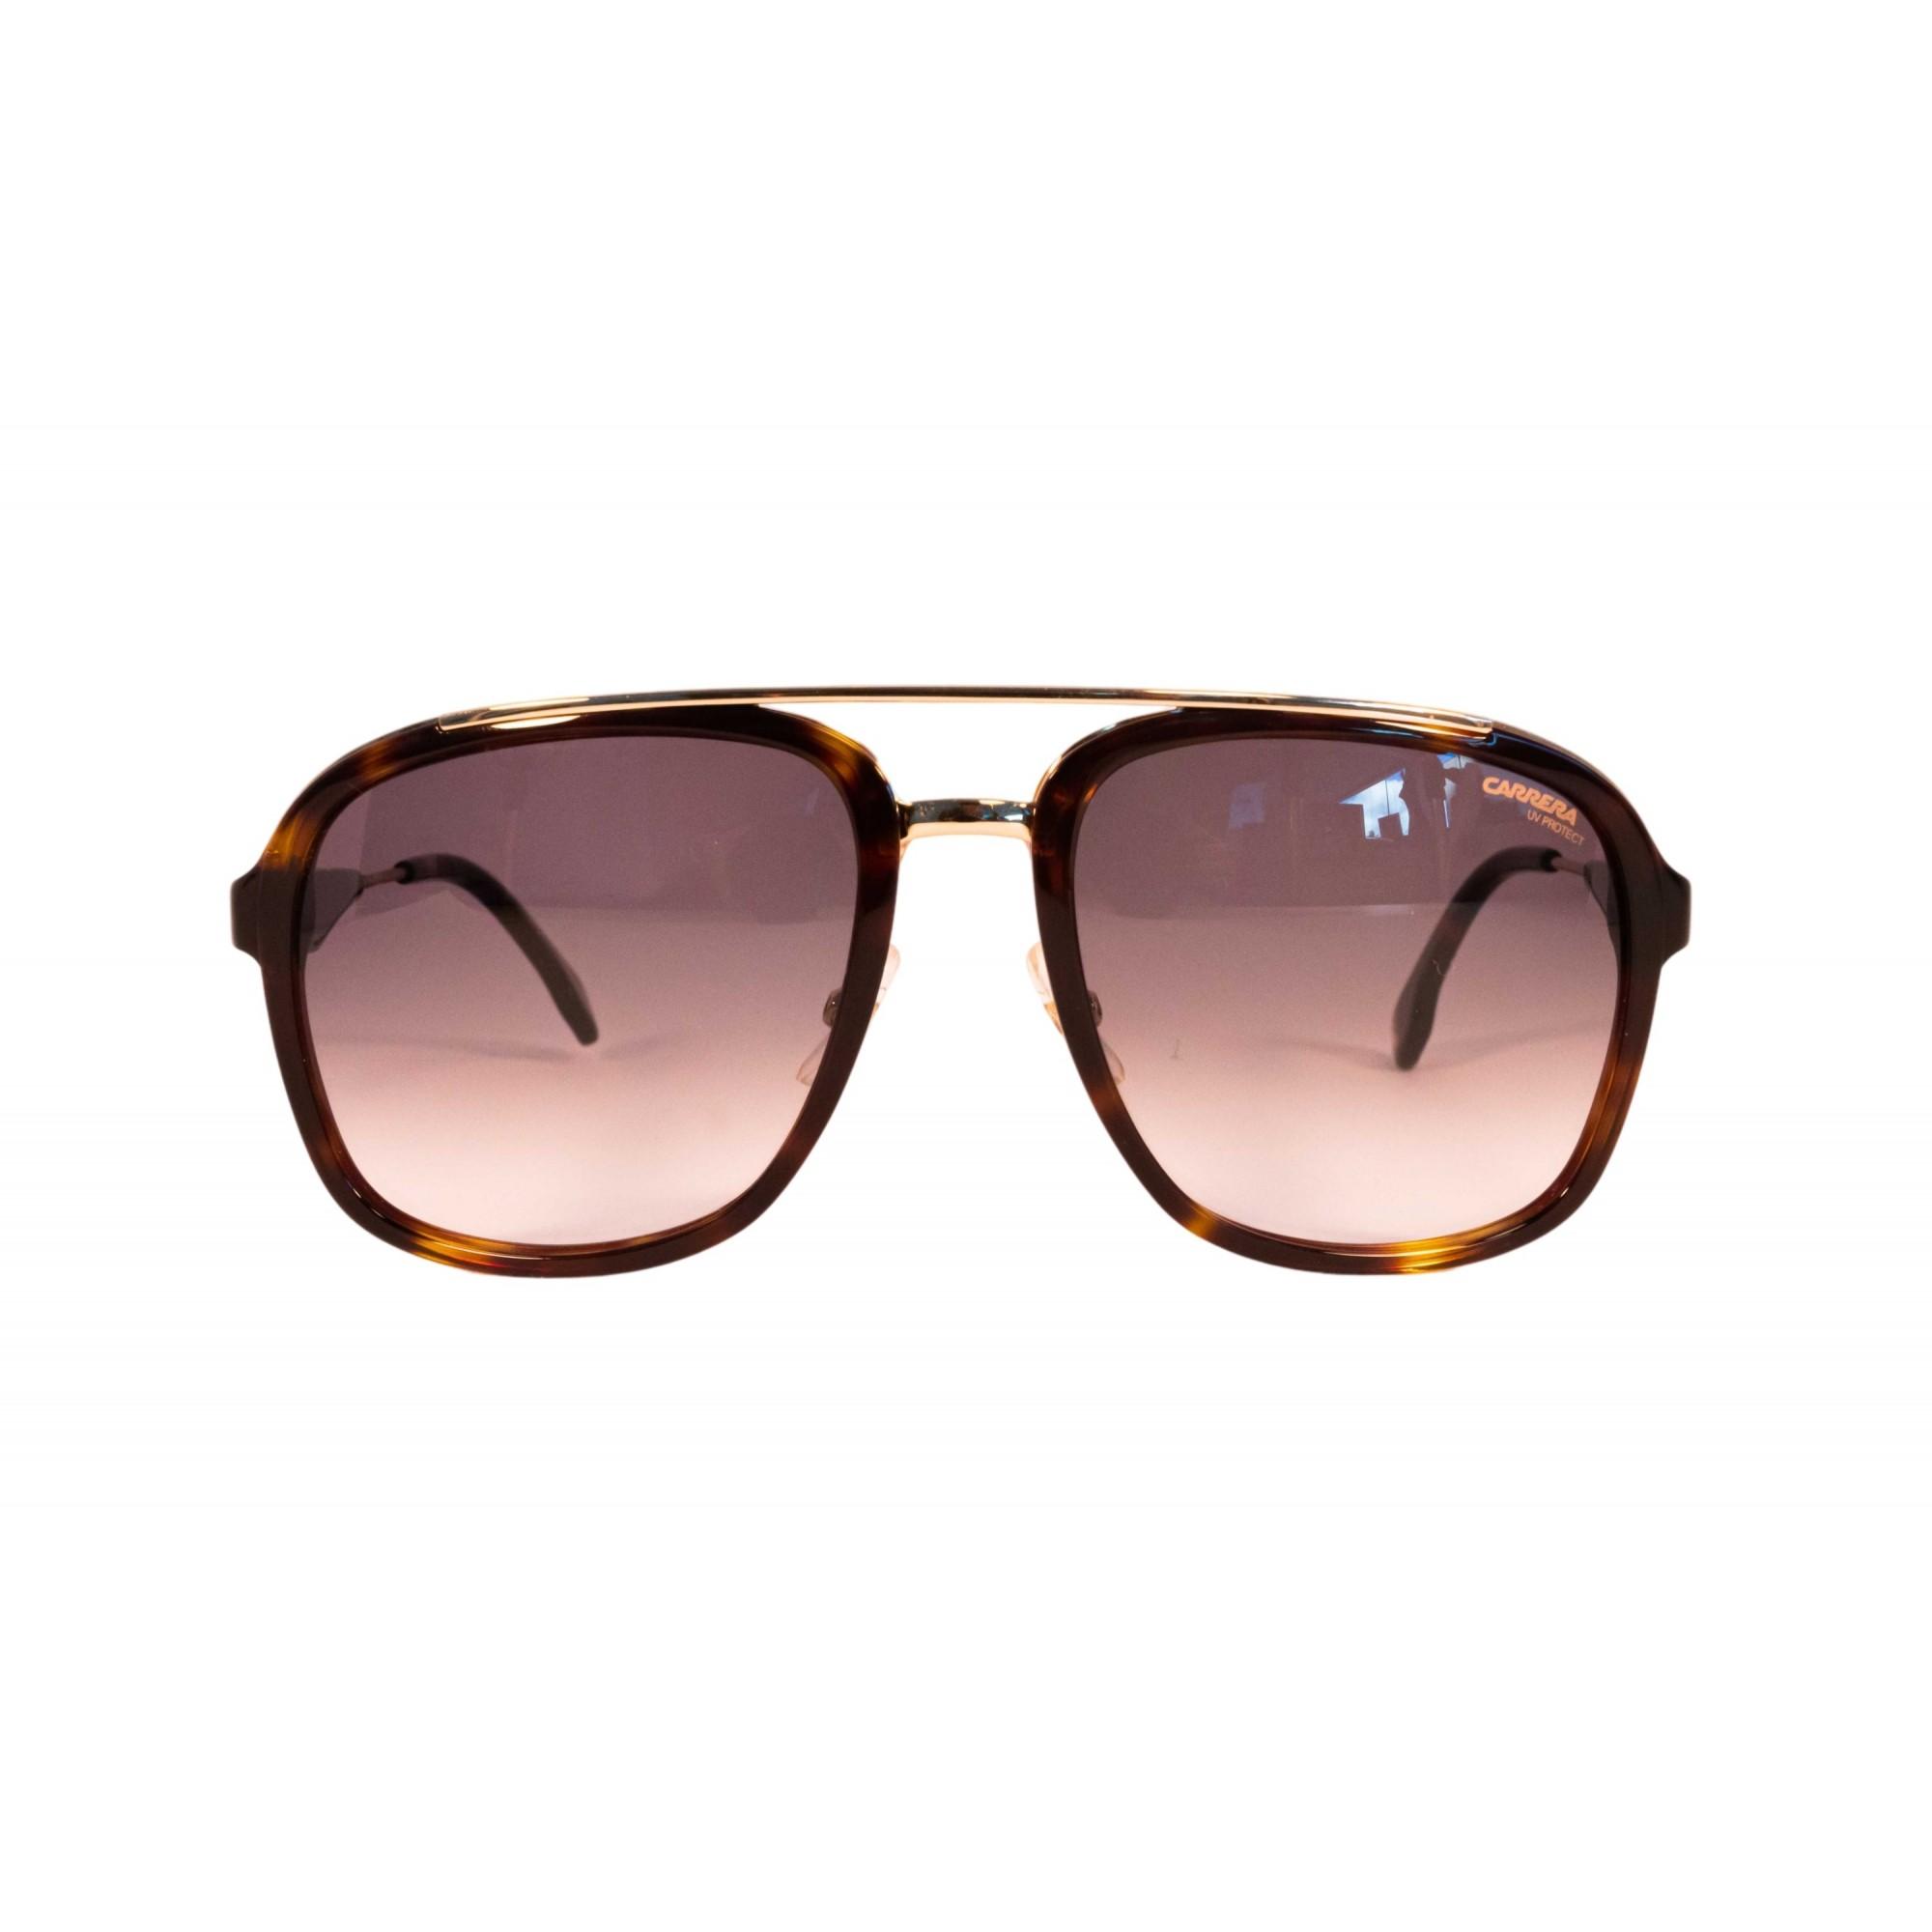 Óculos Carrera Aviador ca133s 2Ik9k 57 Tartaruga